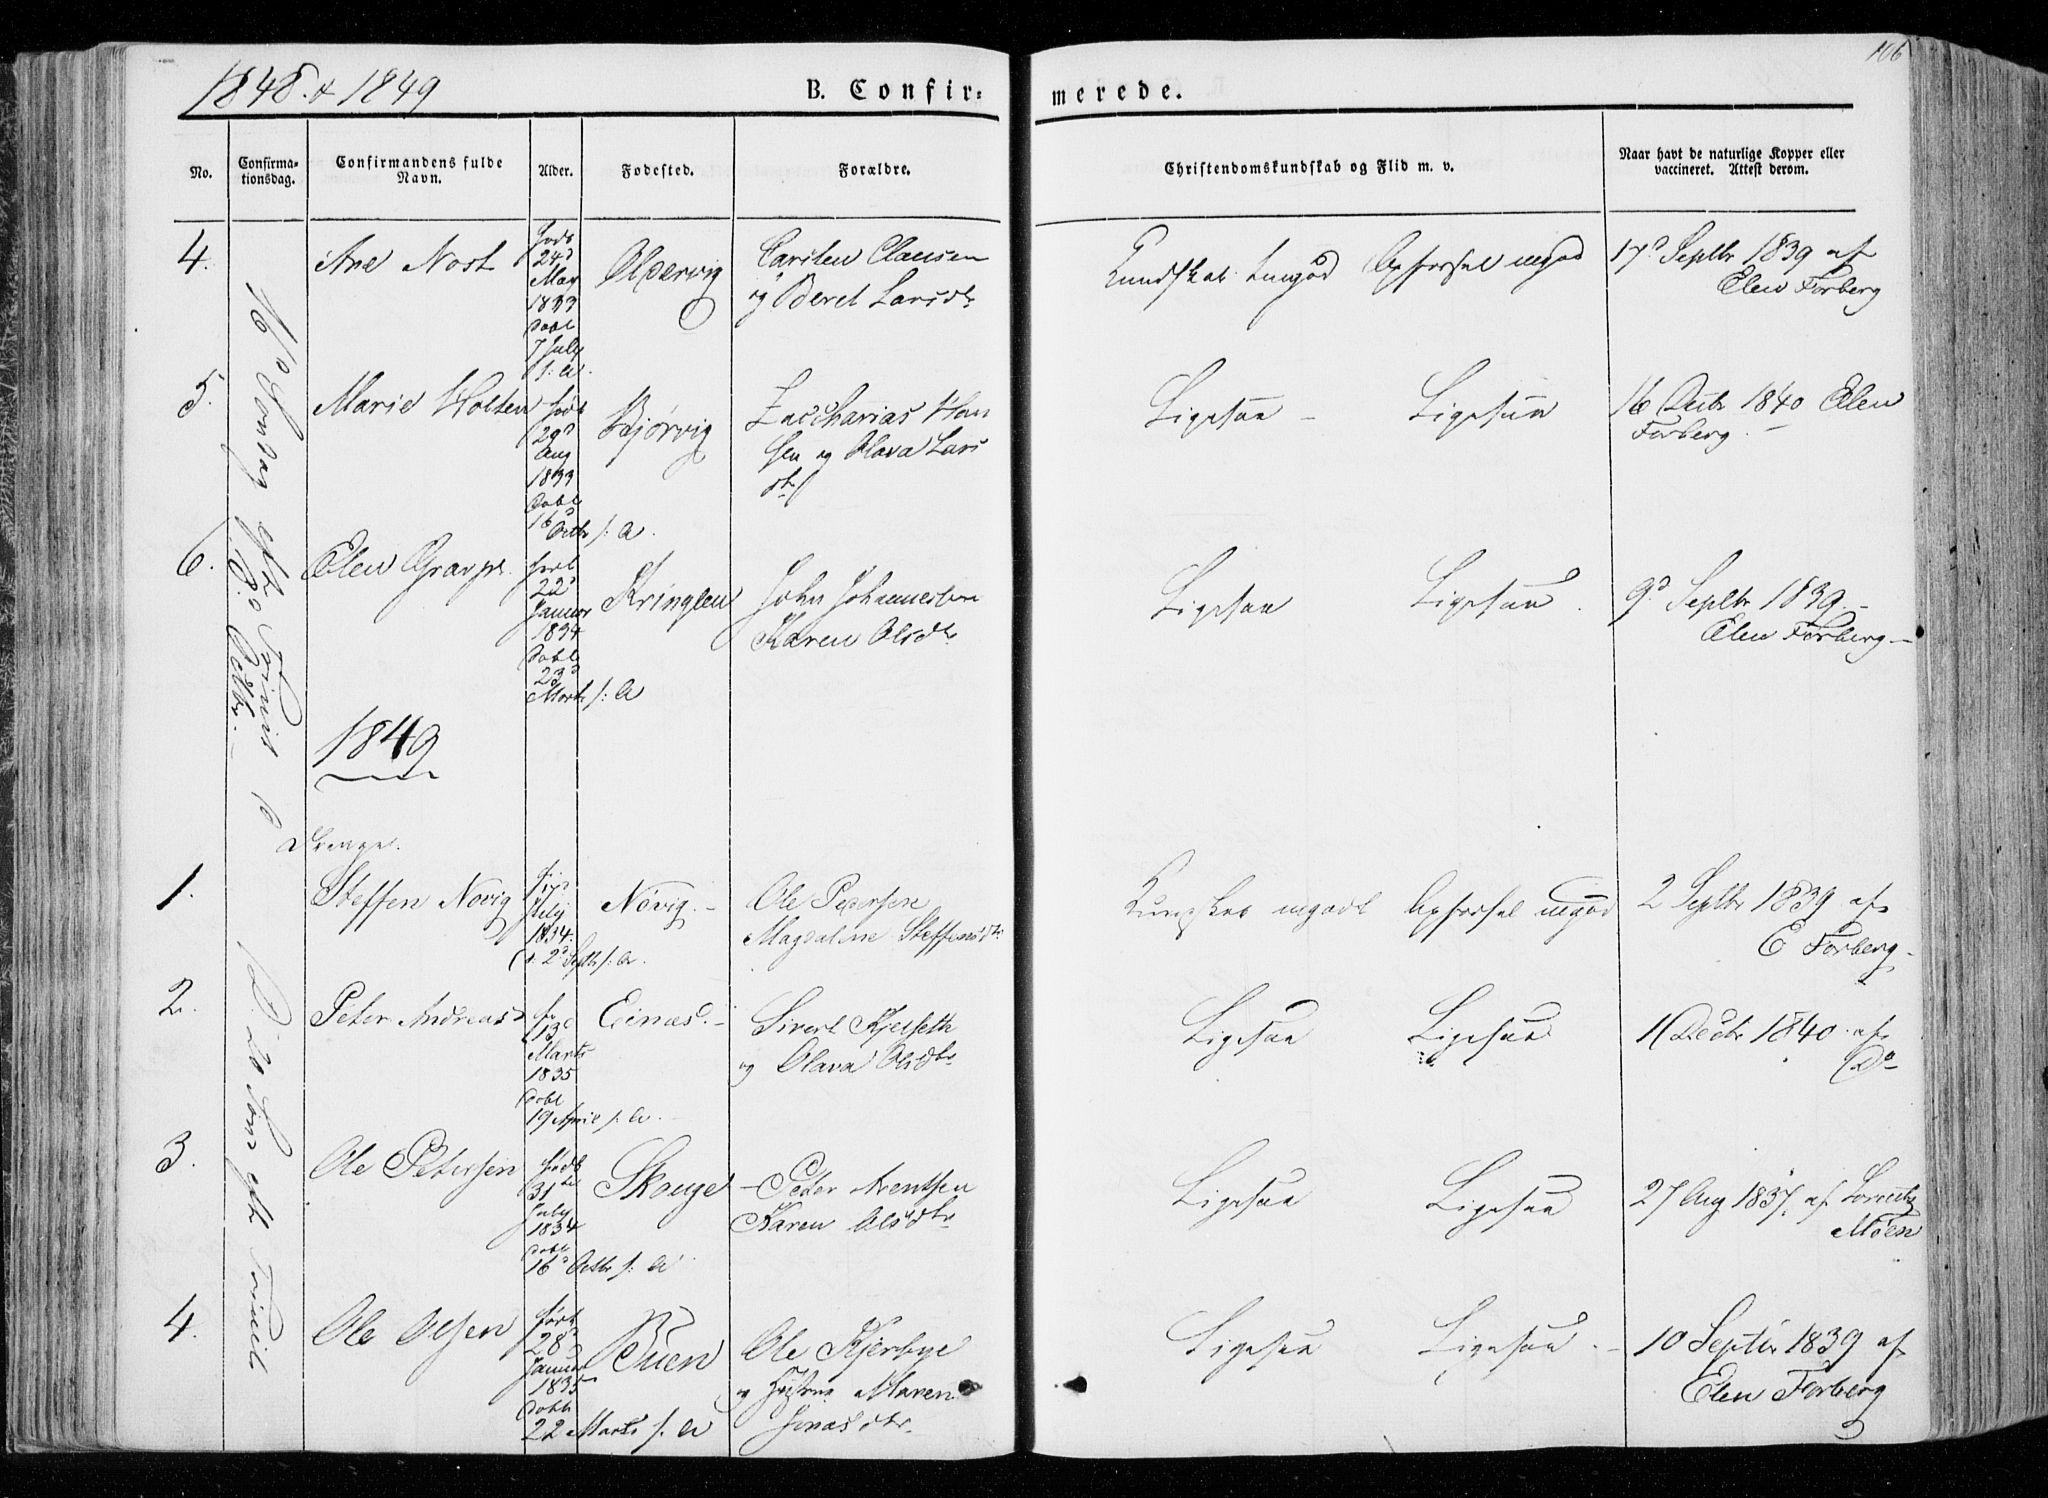 SAT, Ministerialprotokoller, klokkerbøker og fødselsregistre - Nord-Trøndelag, 722/L0218: Ministerialbok nr. 722A05, 1843-1868, s. 106